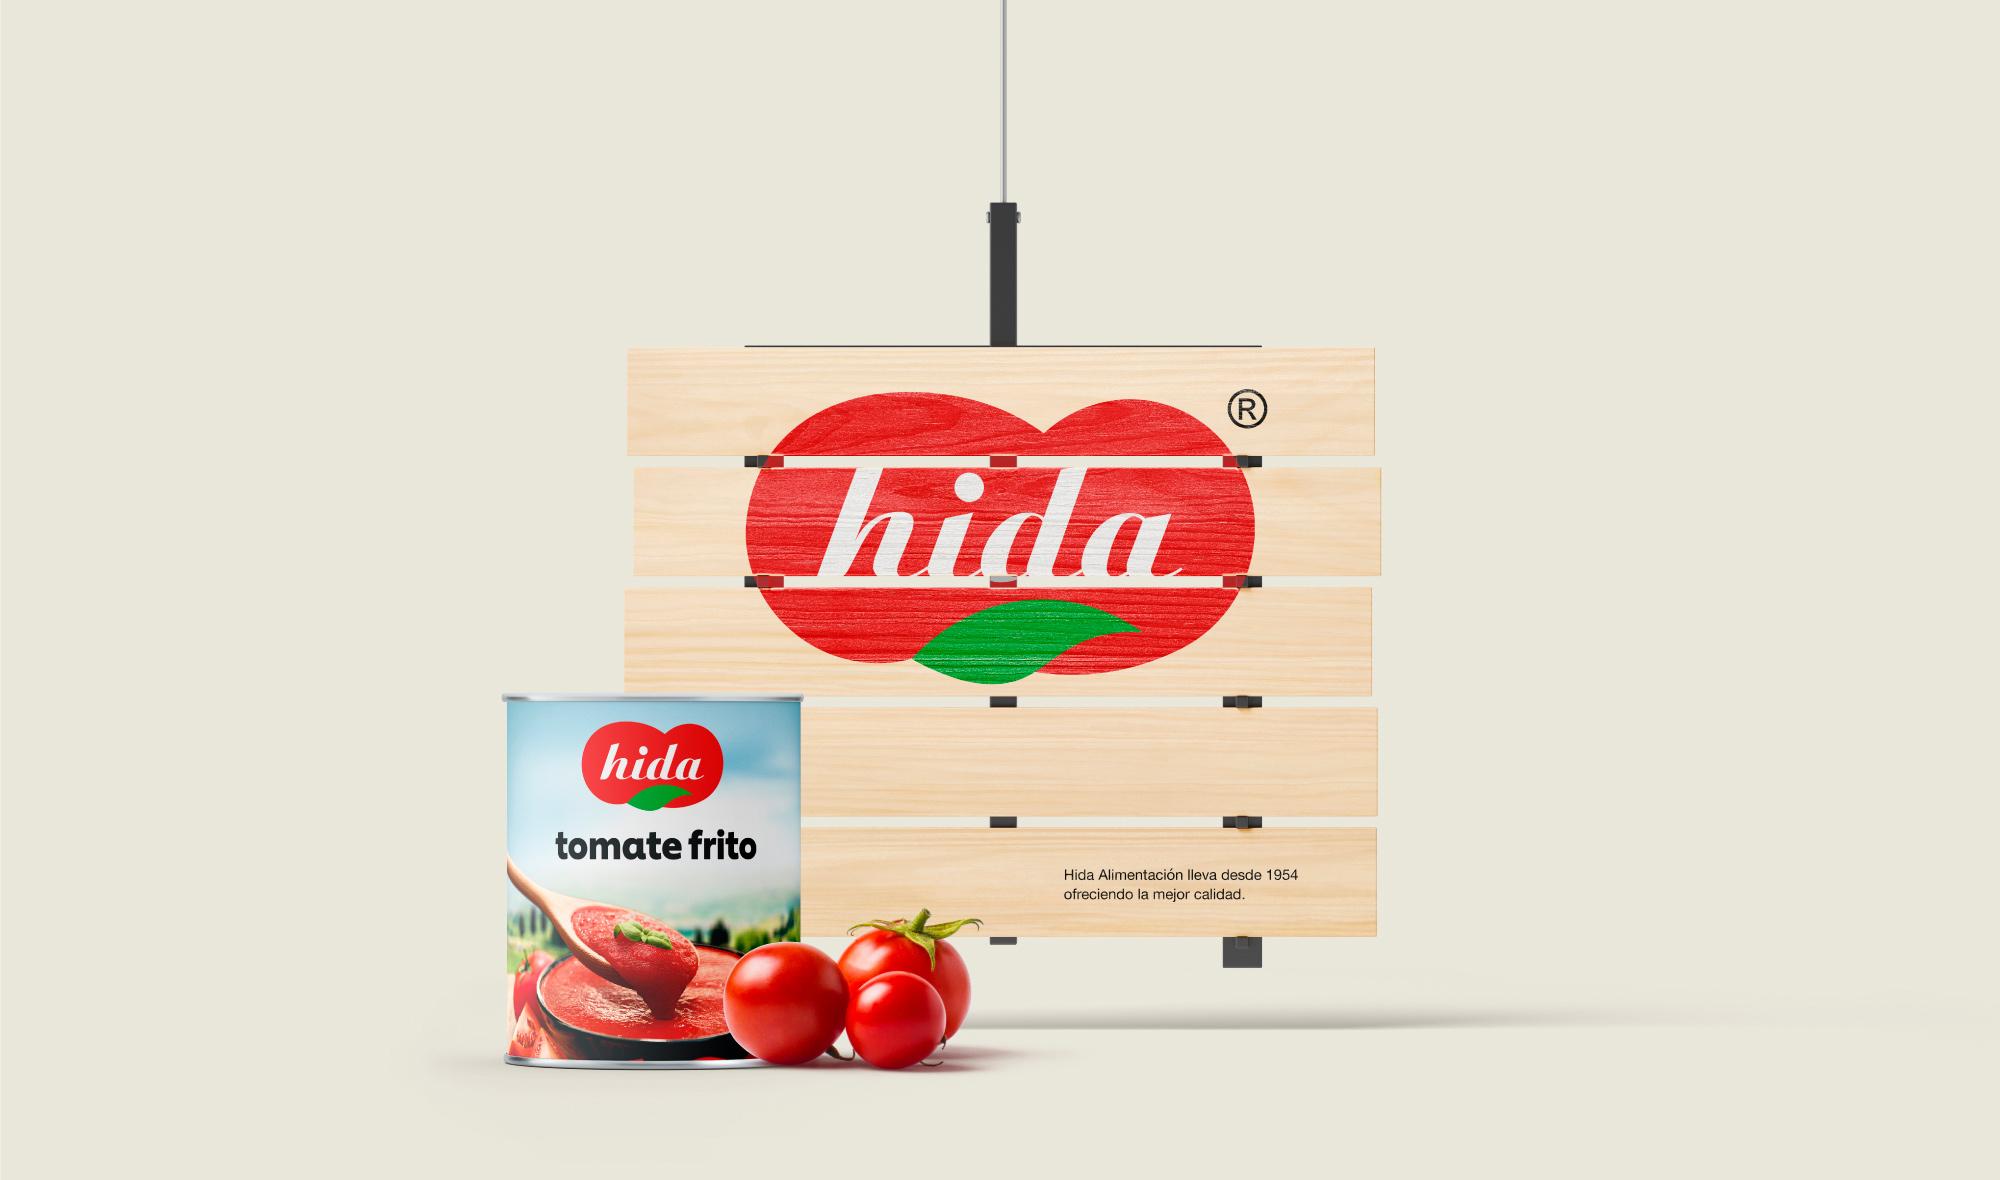 hida-branding-04